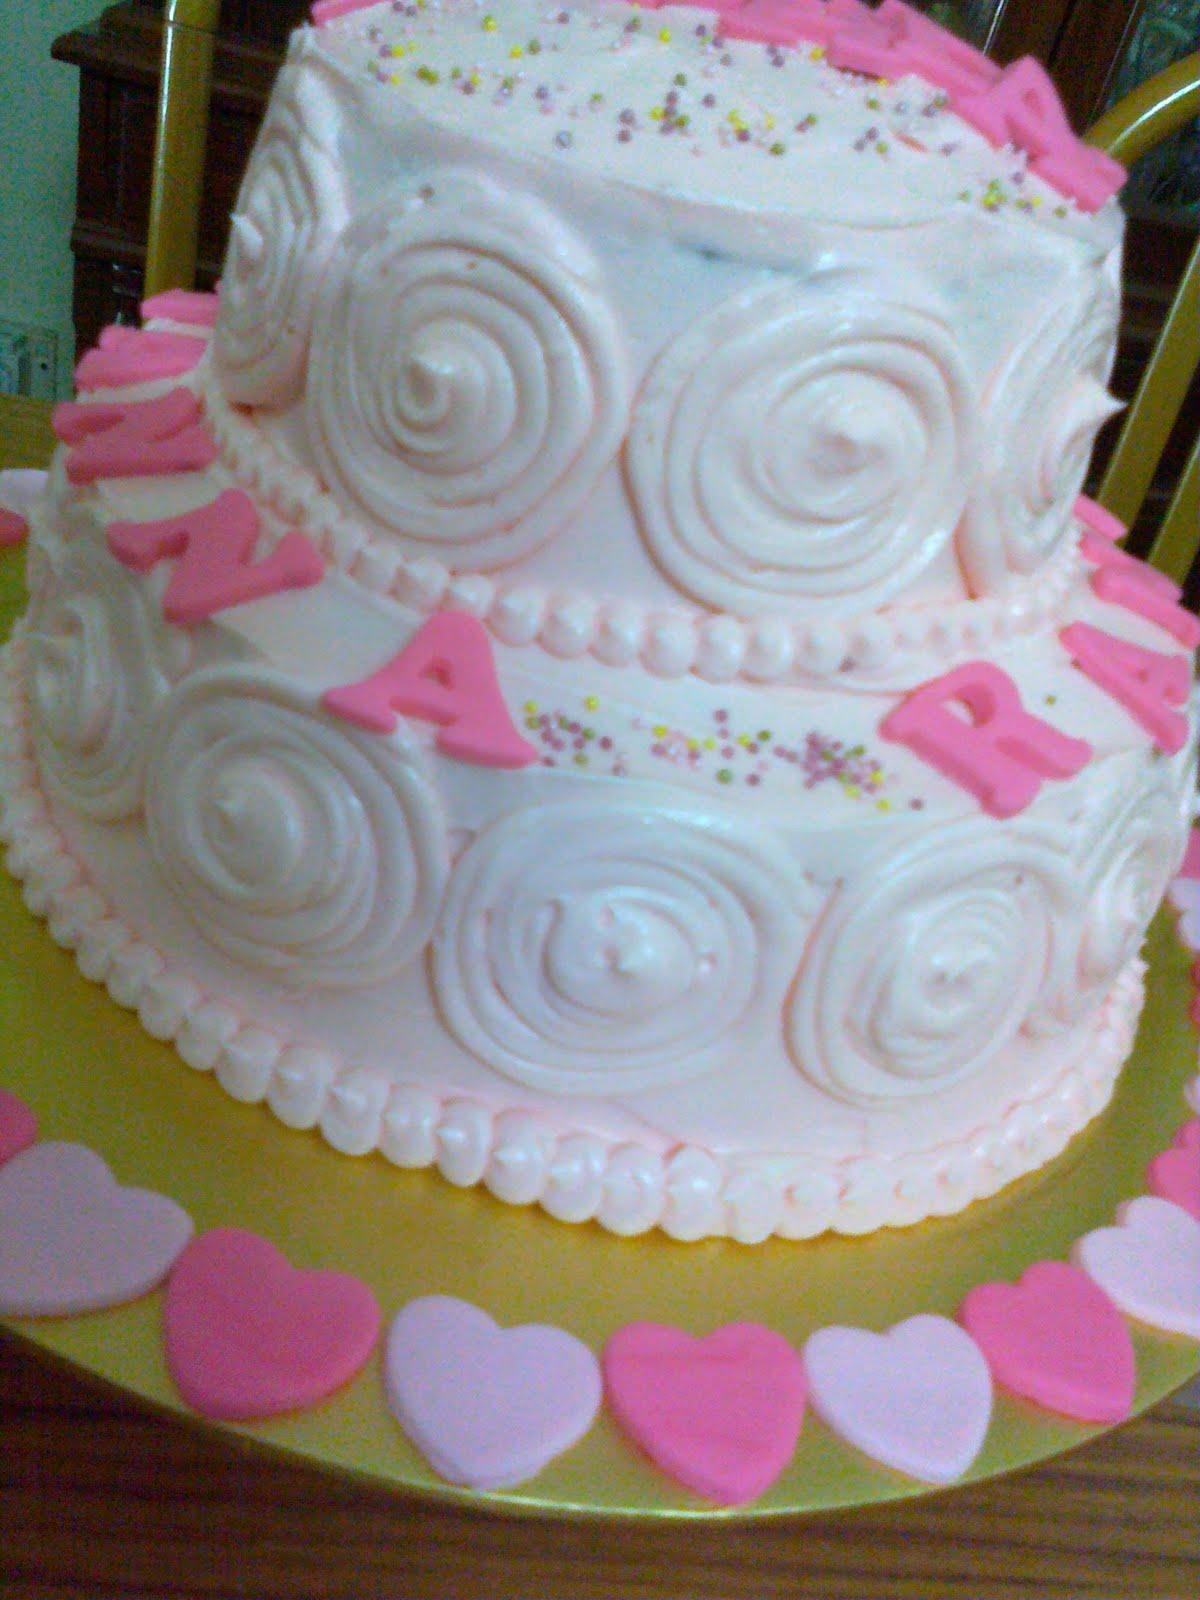 Nans 1st Birthday Cake